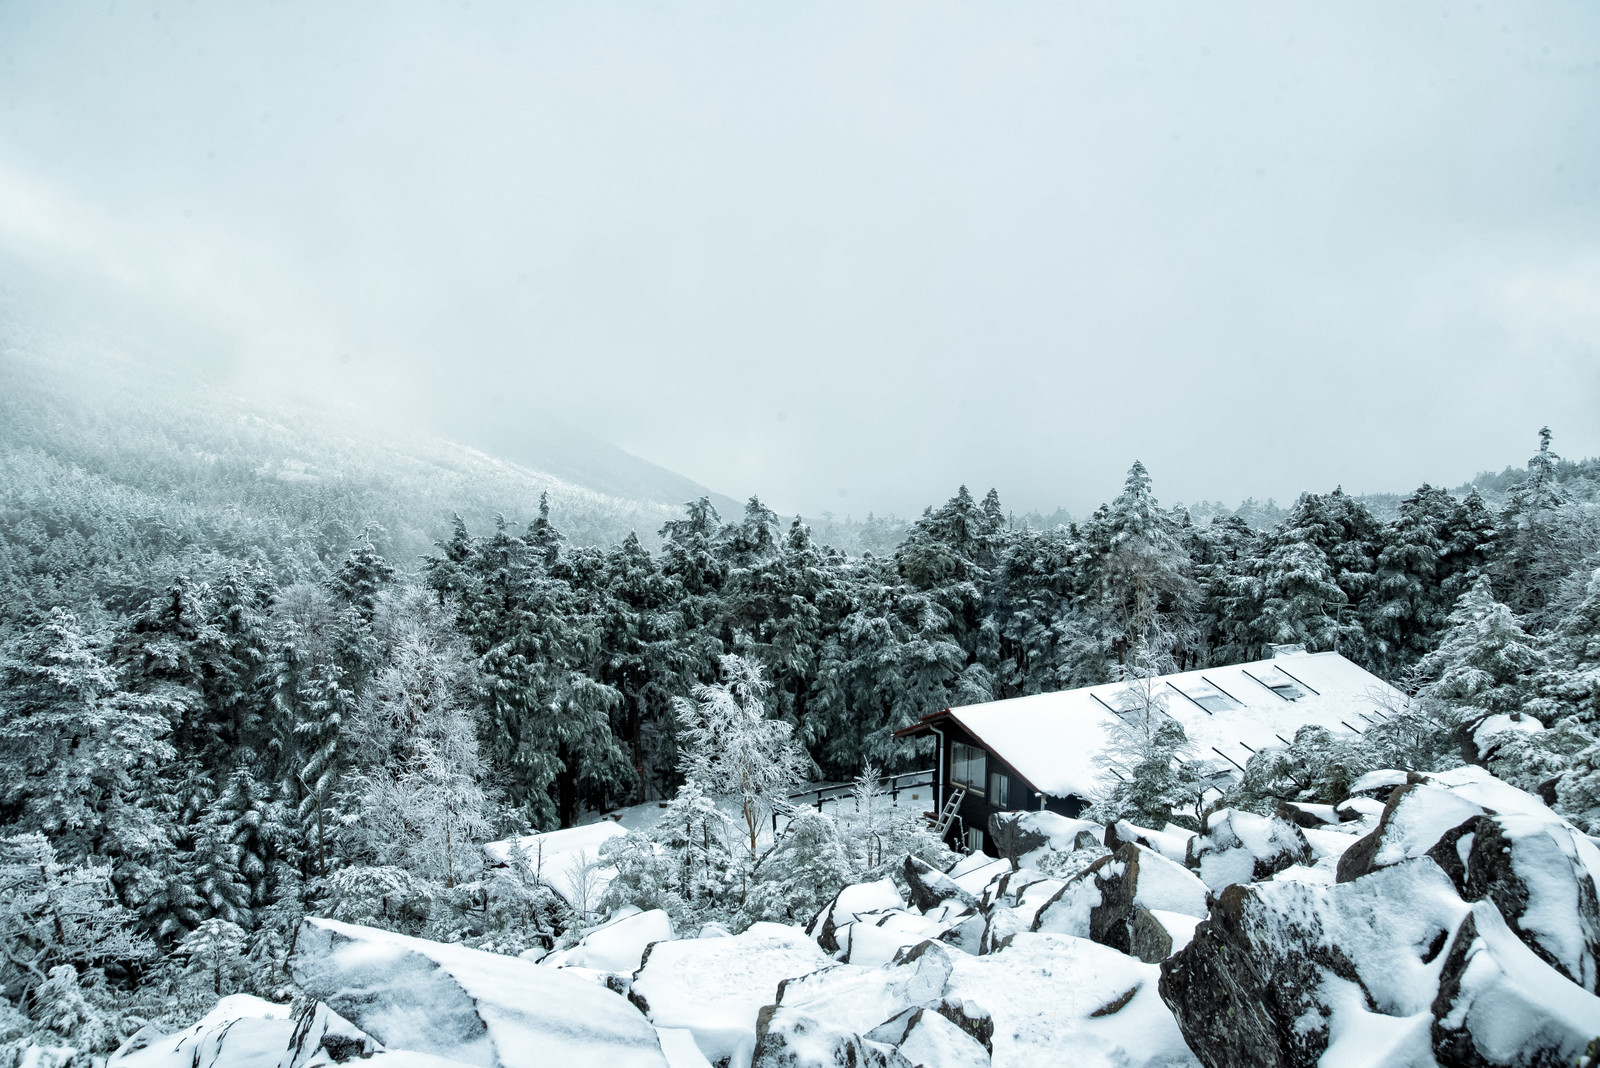 「視界不良の雪山と雪に覆われた高見石小屋」の写真